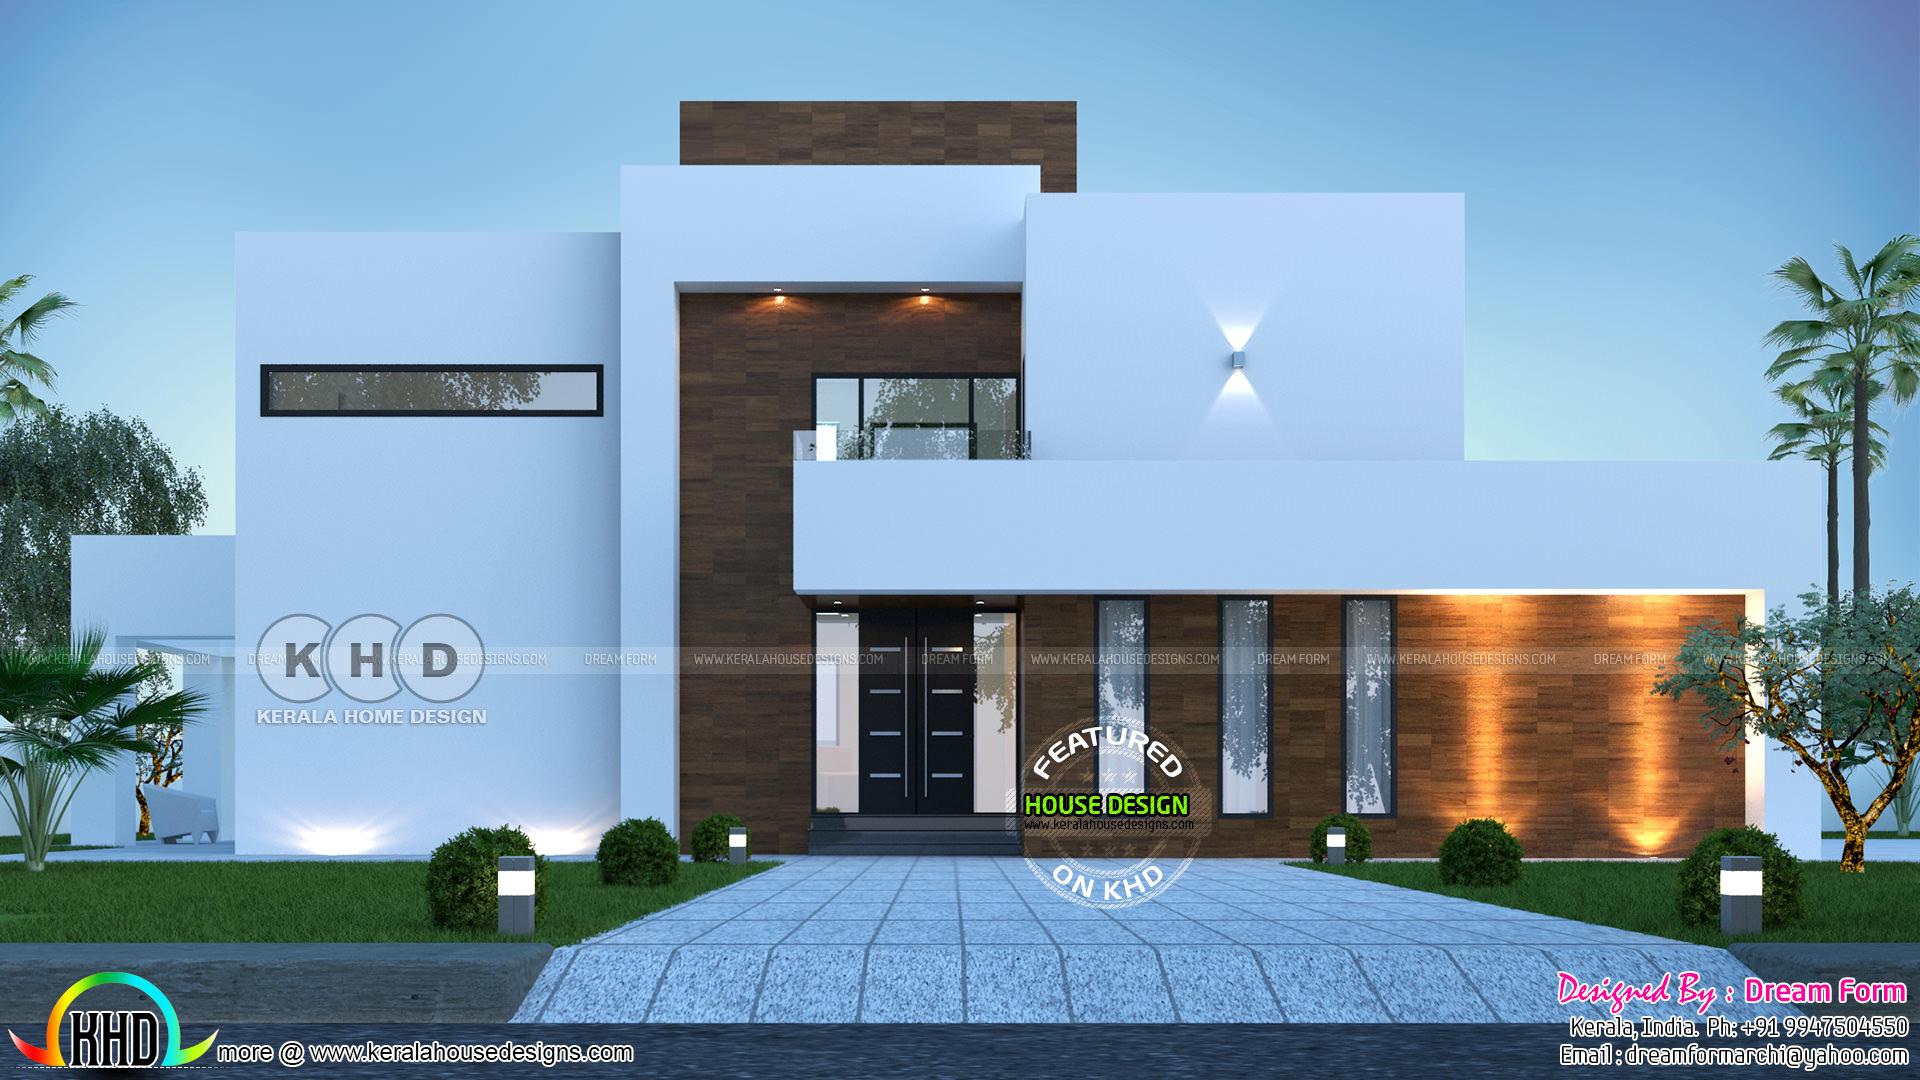 5 Bedroom Home Design Front And Back 3d Elevations Kerala Home Design Bloglovin